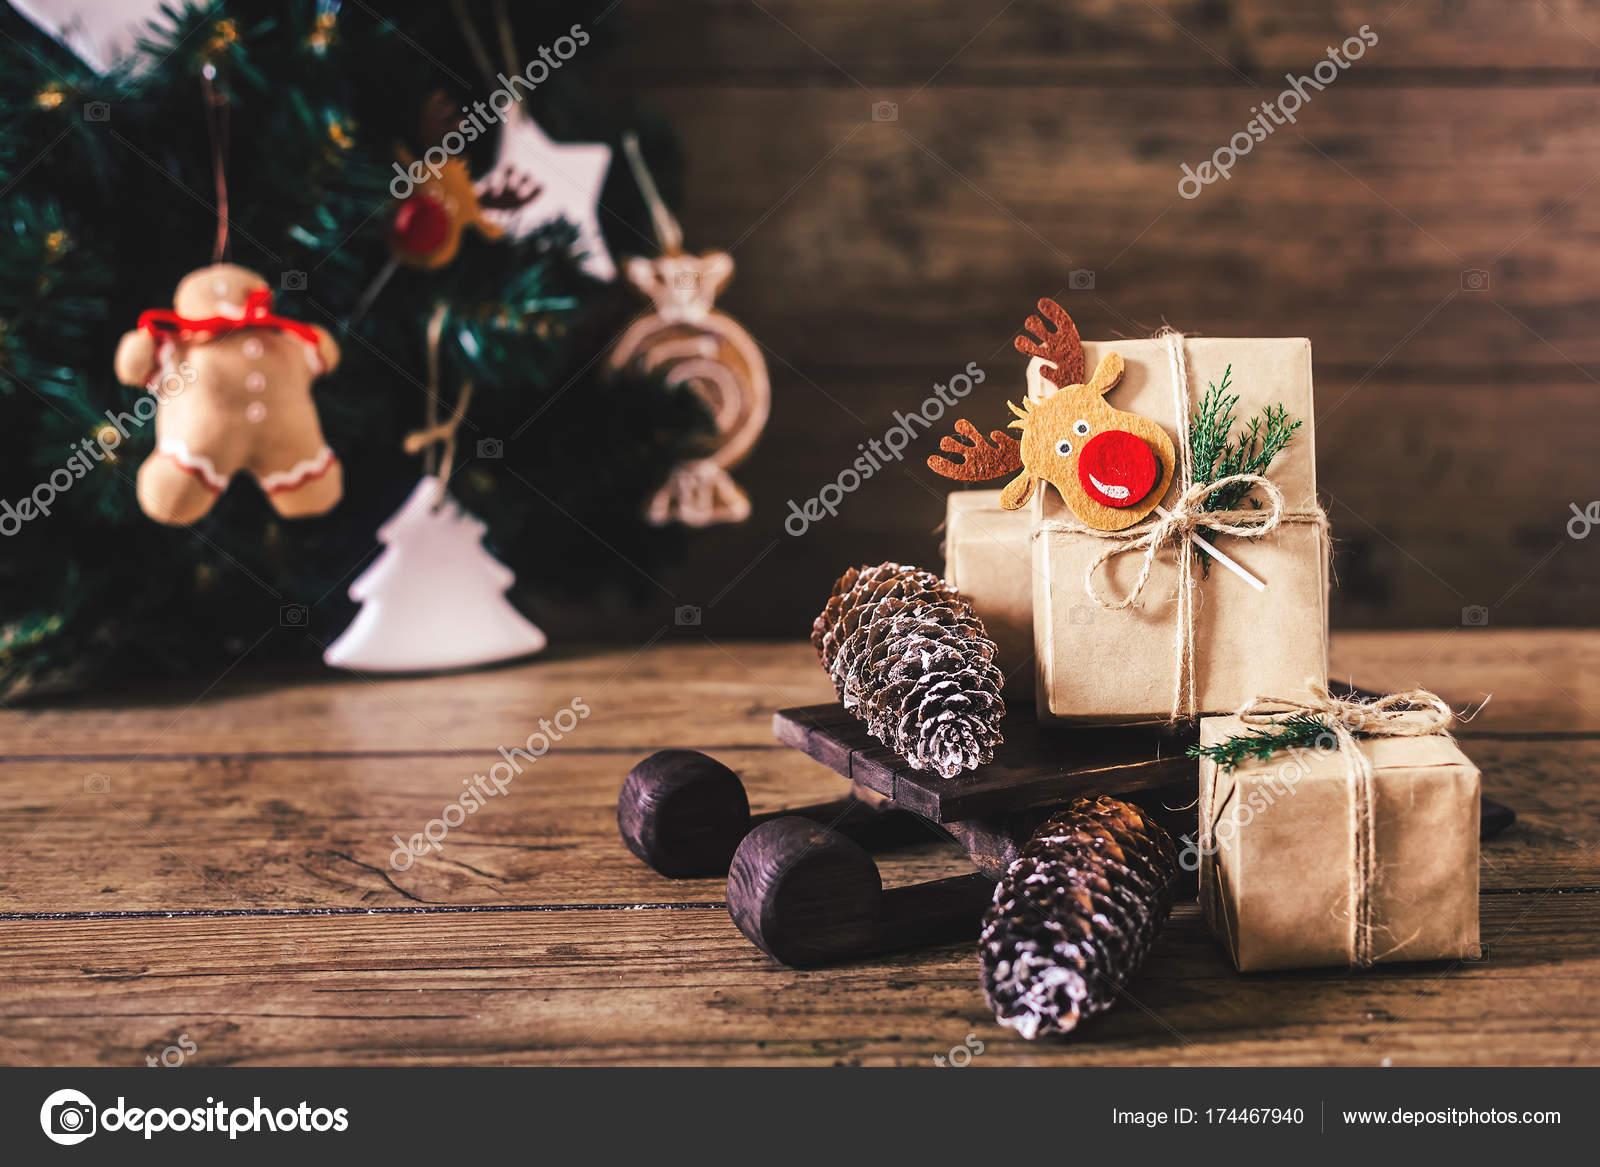 Regali Di Natale In Legno.Regali Di Natale Con I Contenitori Su Fondo Di Legno Stile Vintage